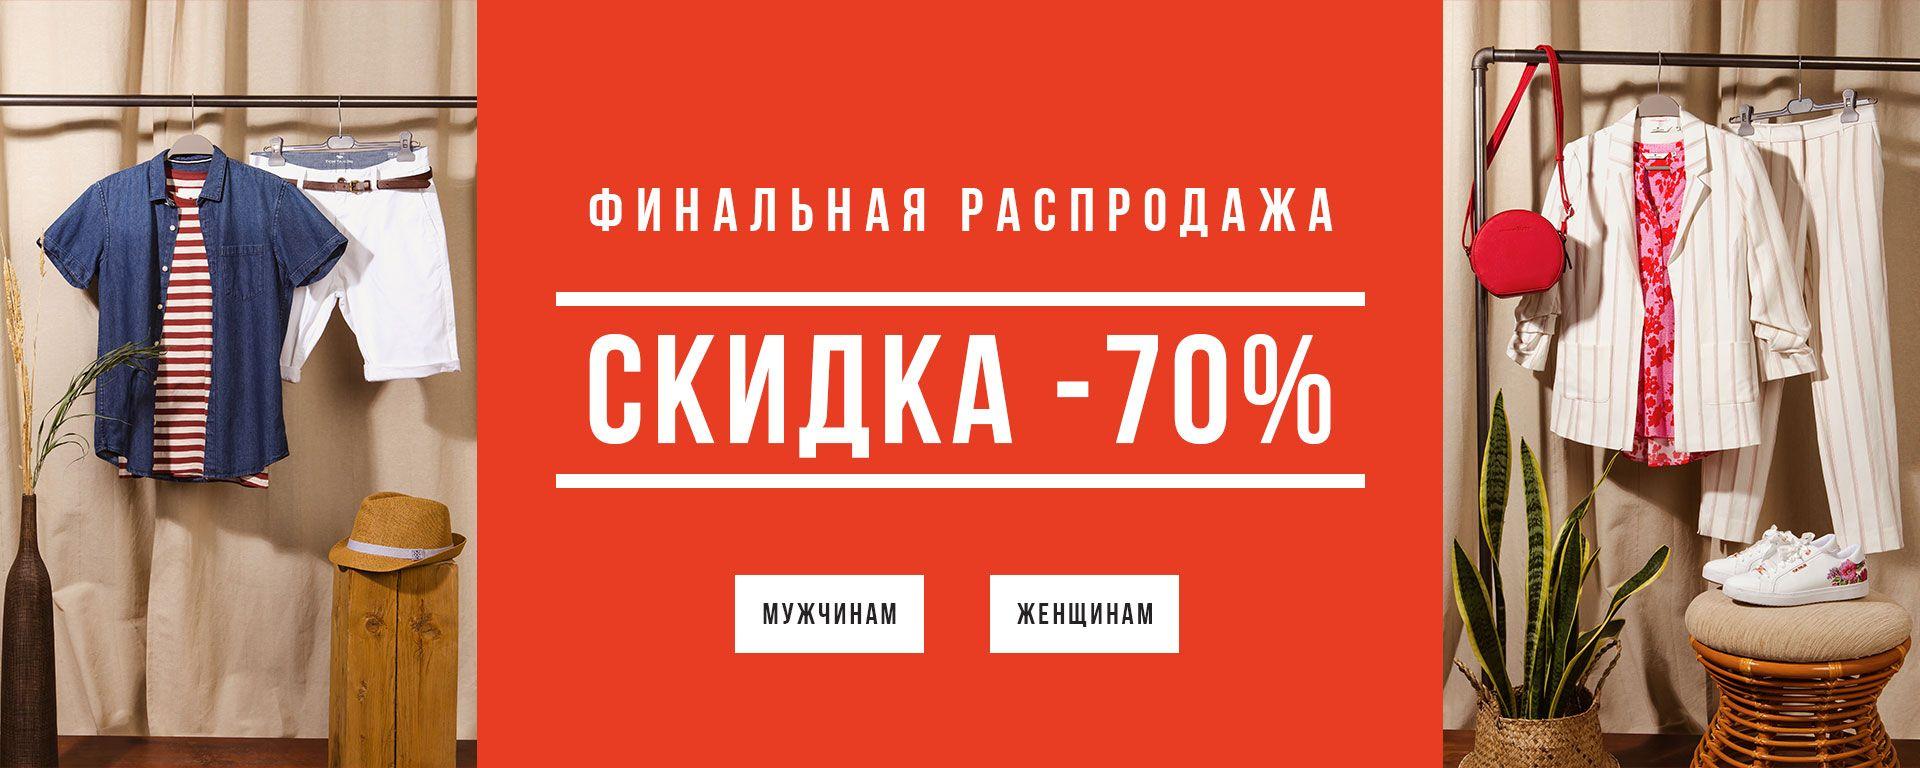 66b69e468f4a Официальный интернет-магазин одежды и обуви TOM TAILOR - доставка по ...